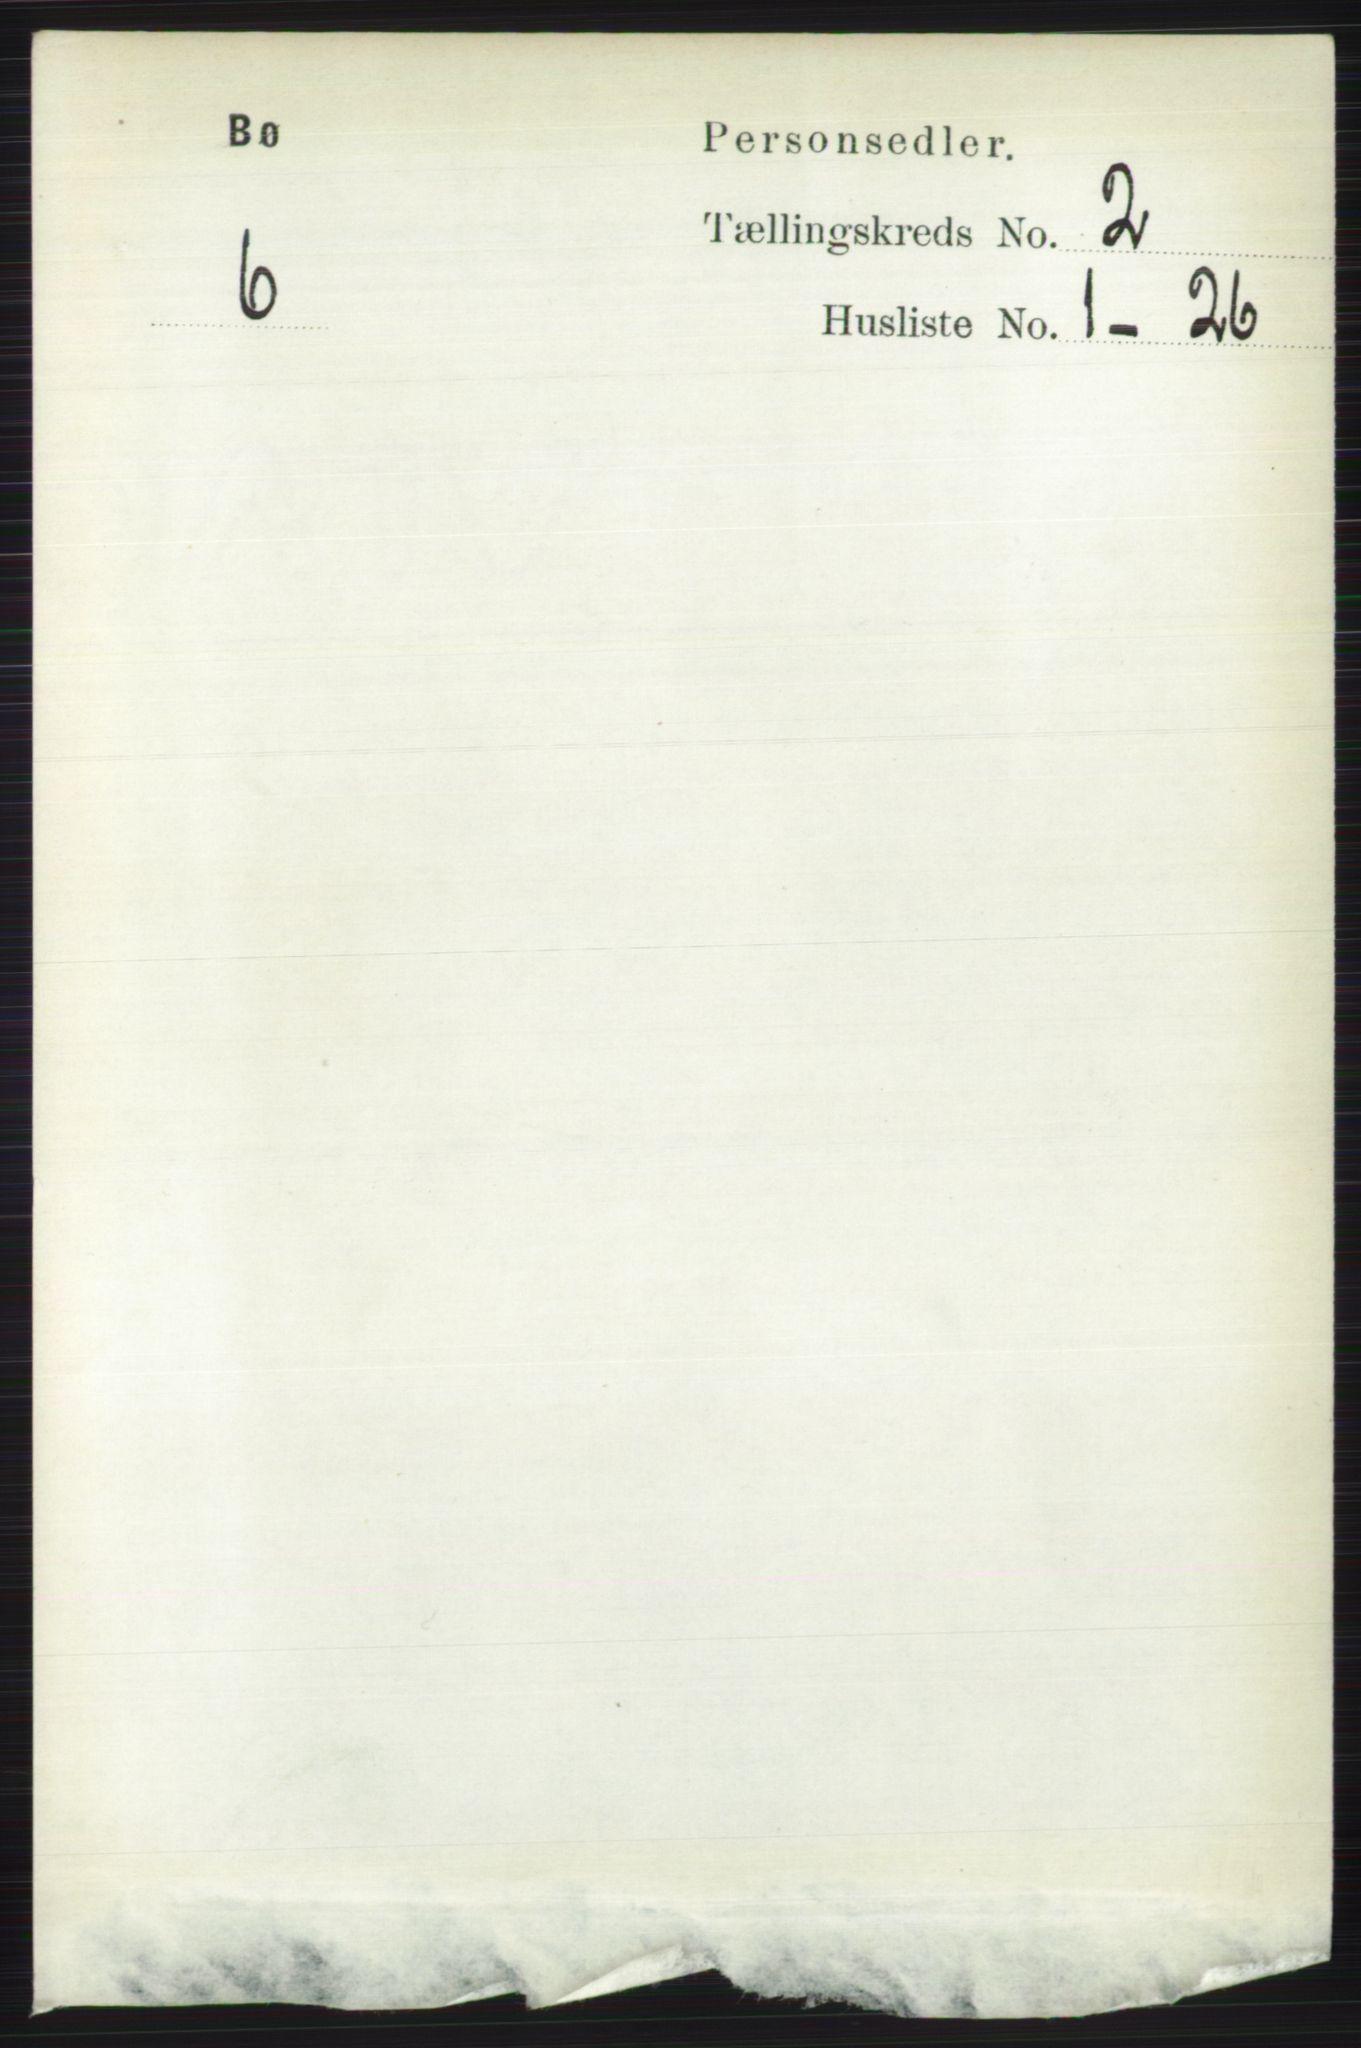 RA, Folketelling 1891 for 0821 Bø herred, 1891, s. 679